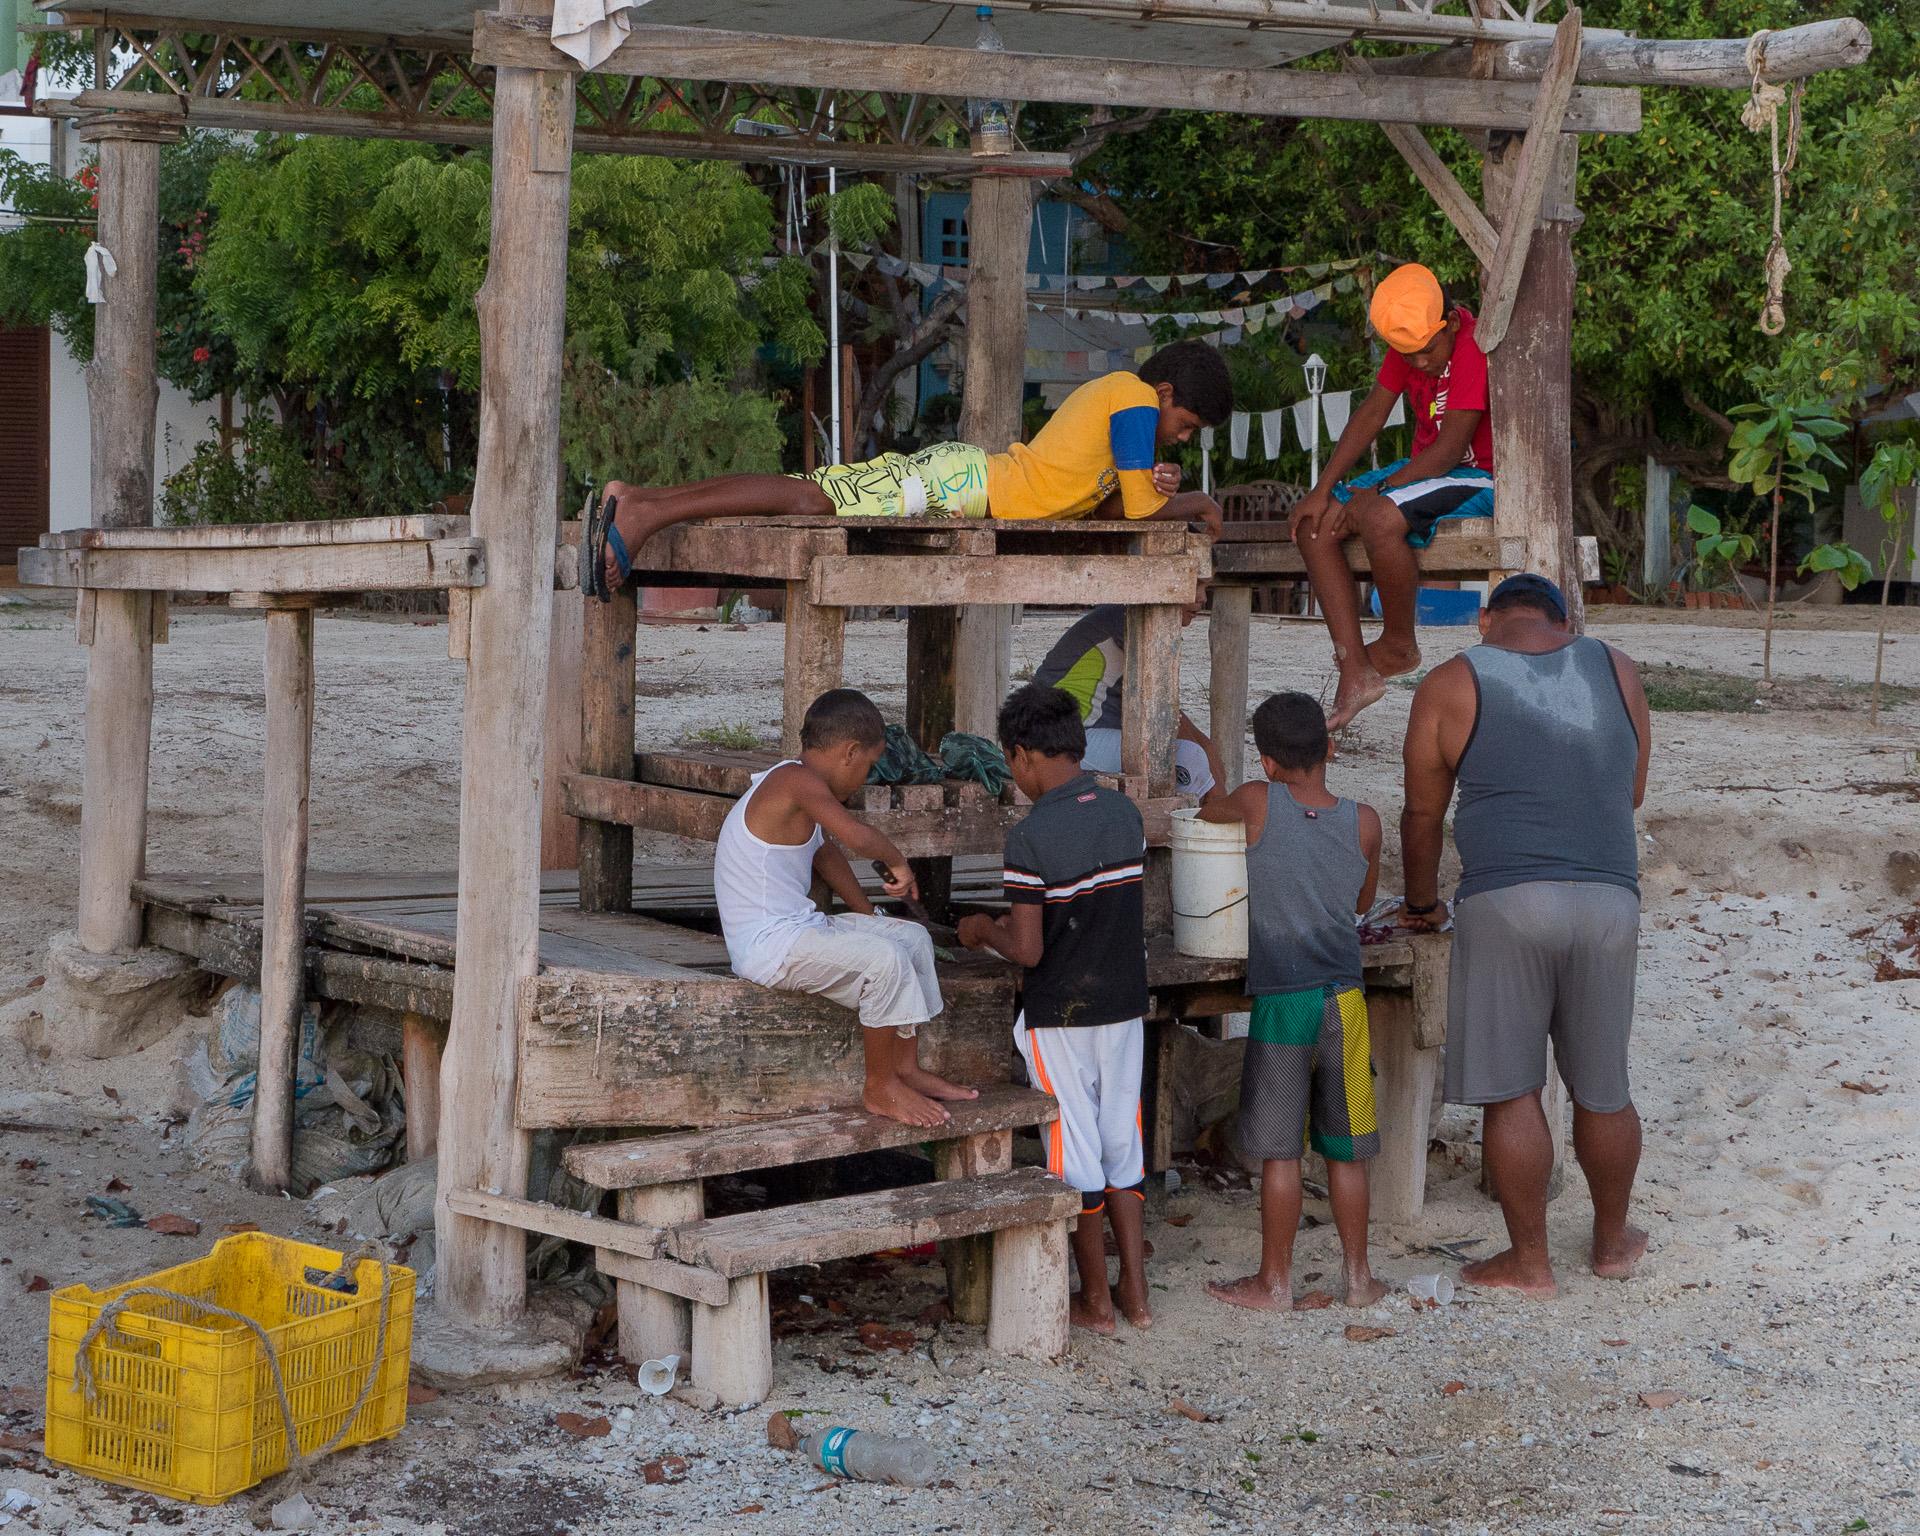 07-Venezuela-0756-P-1304.jpg